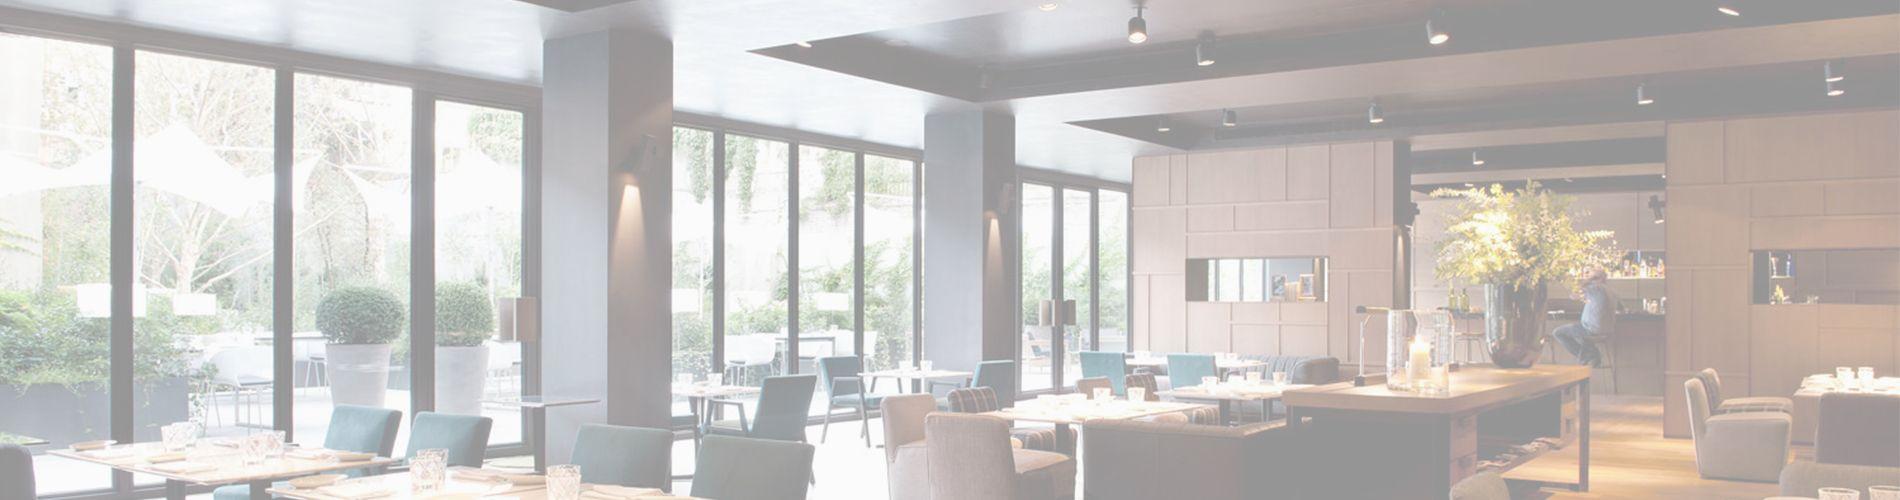 slide_chr Eclairage LED CHR pour Café, hôtel et restaurants